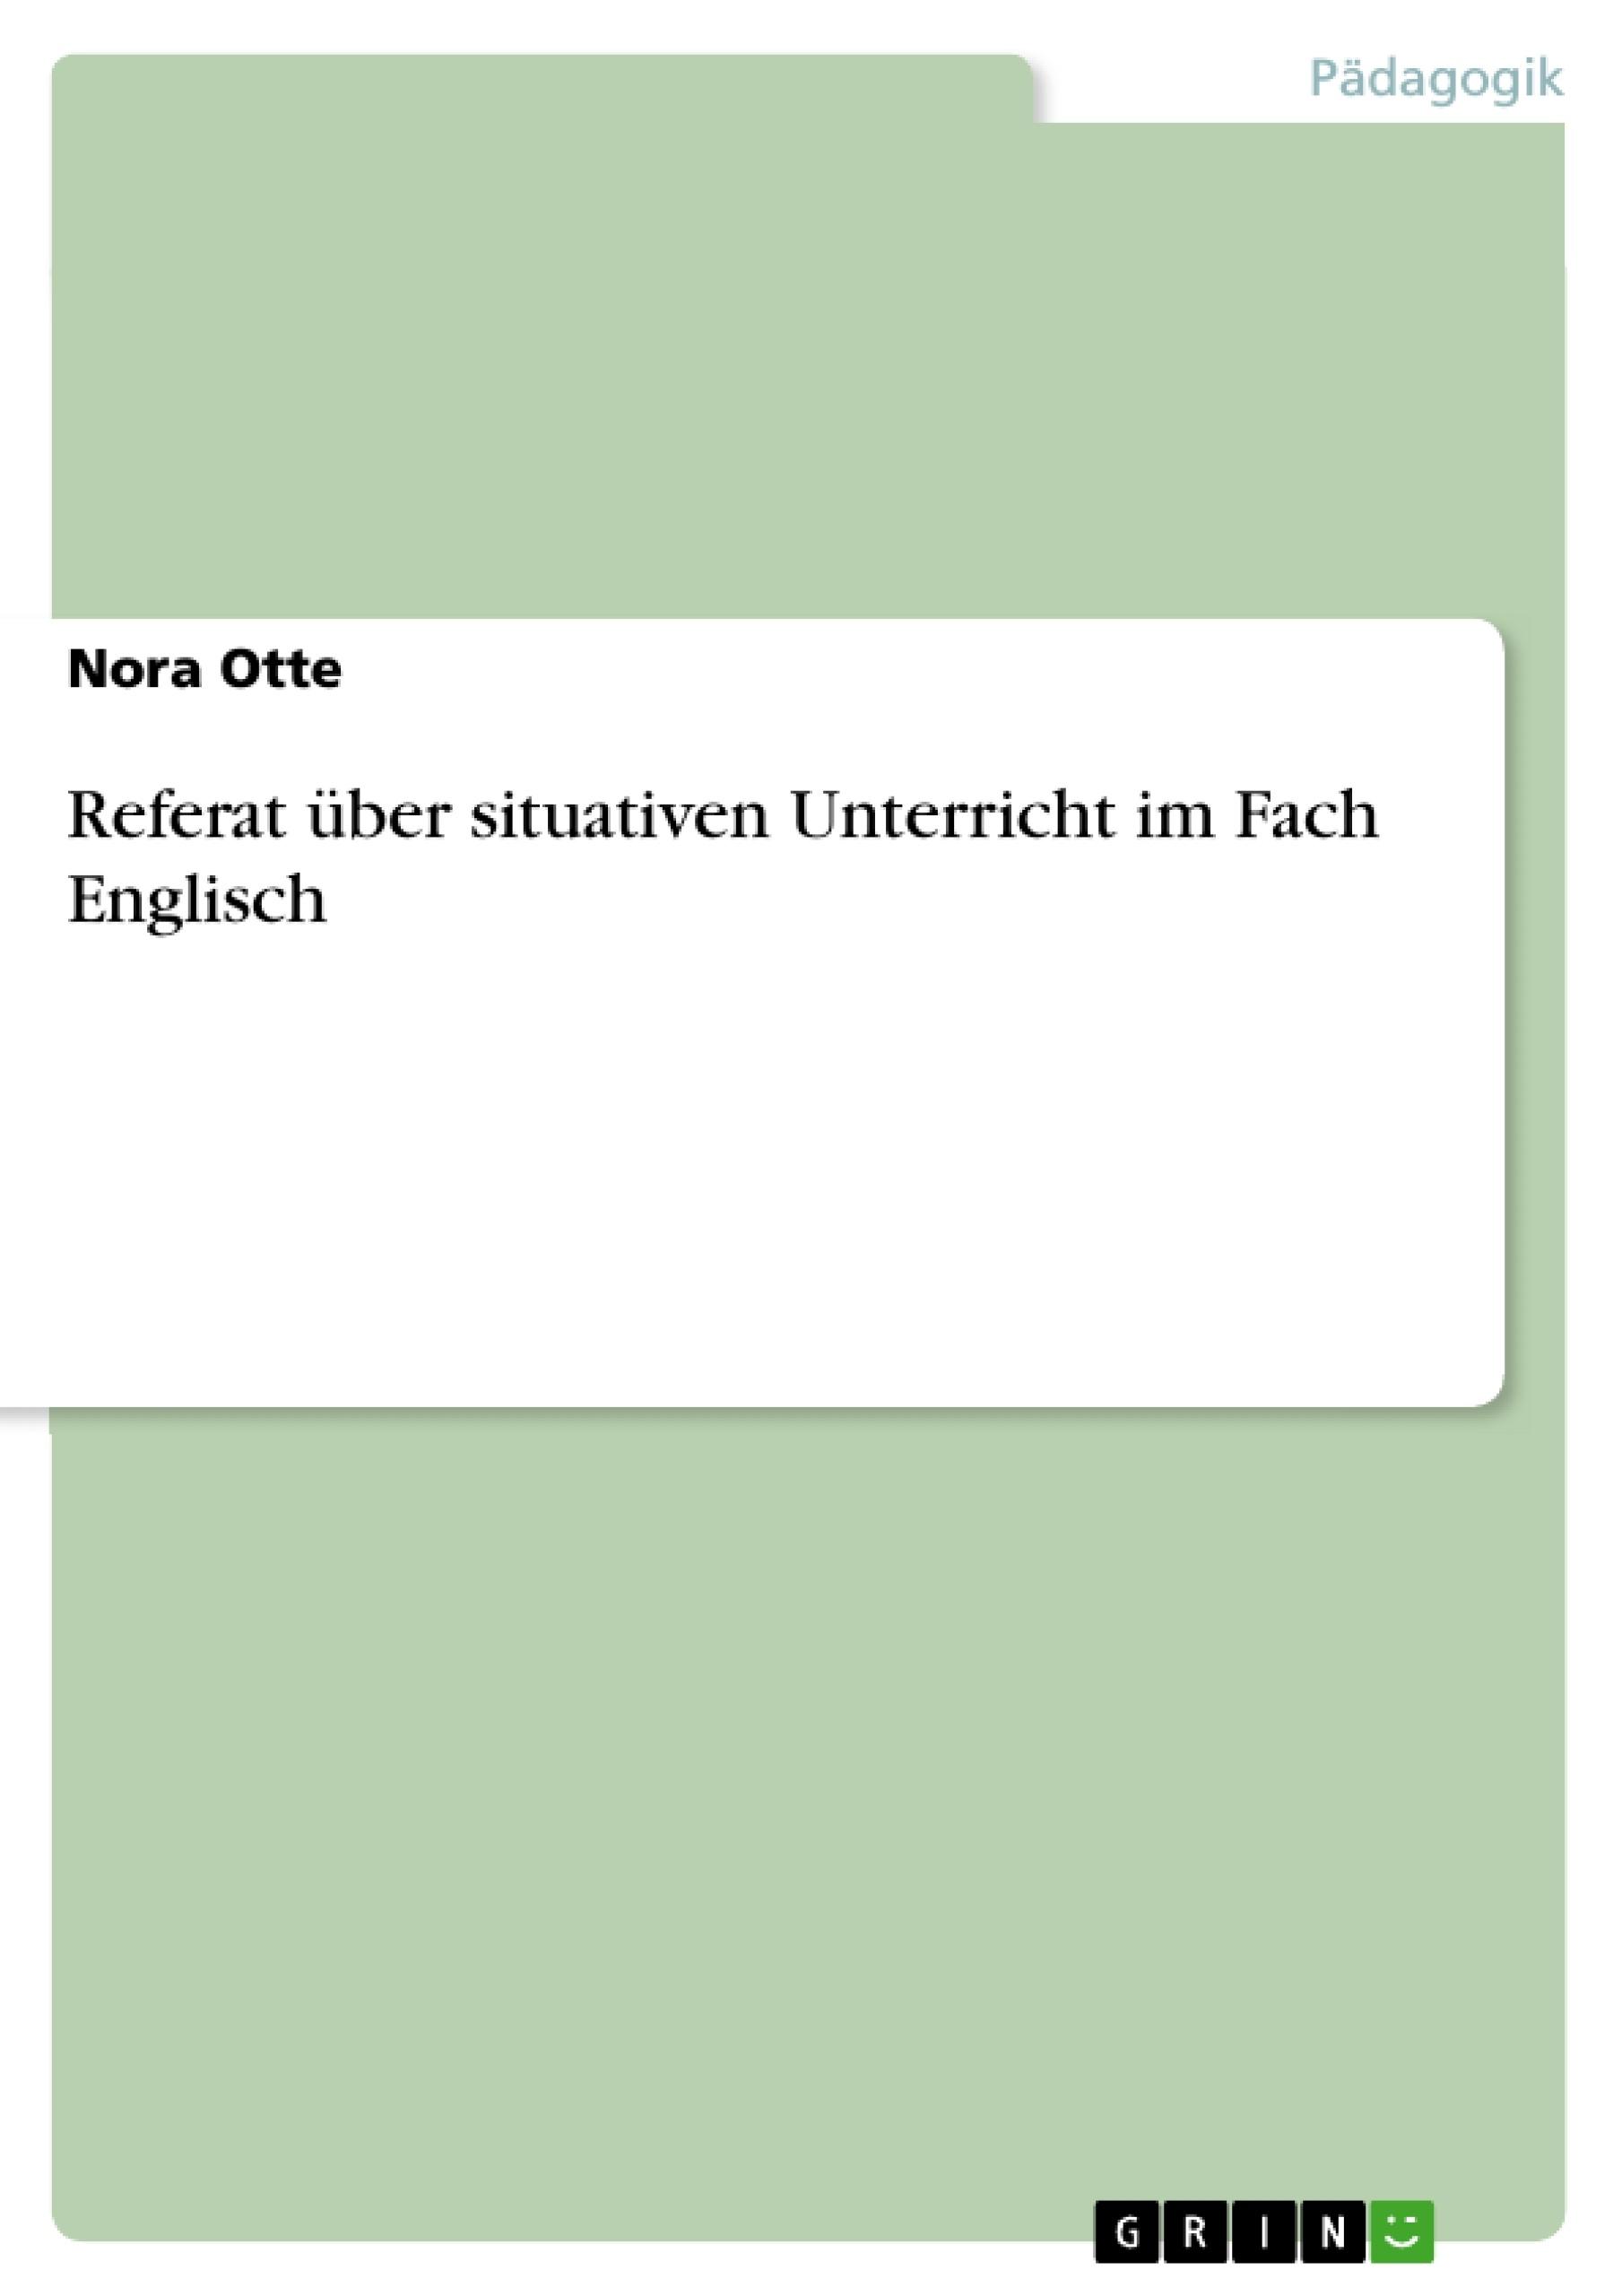 Titel: Referat über situativen Unterricht im Fach Englisch